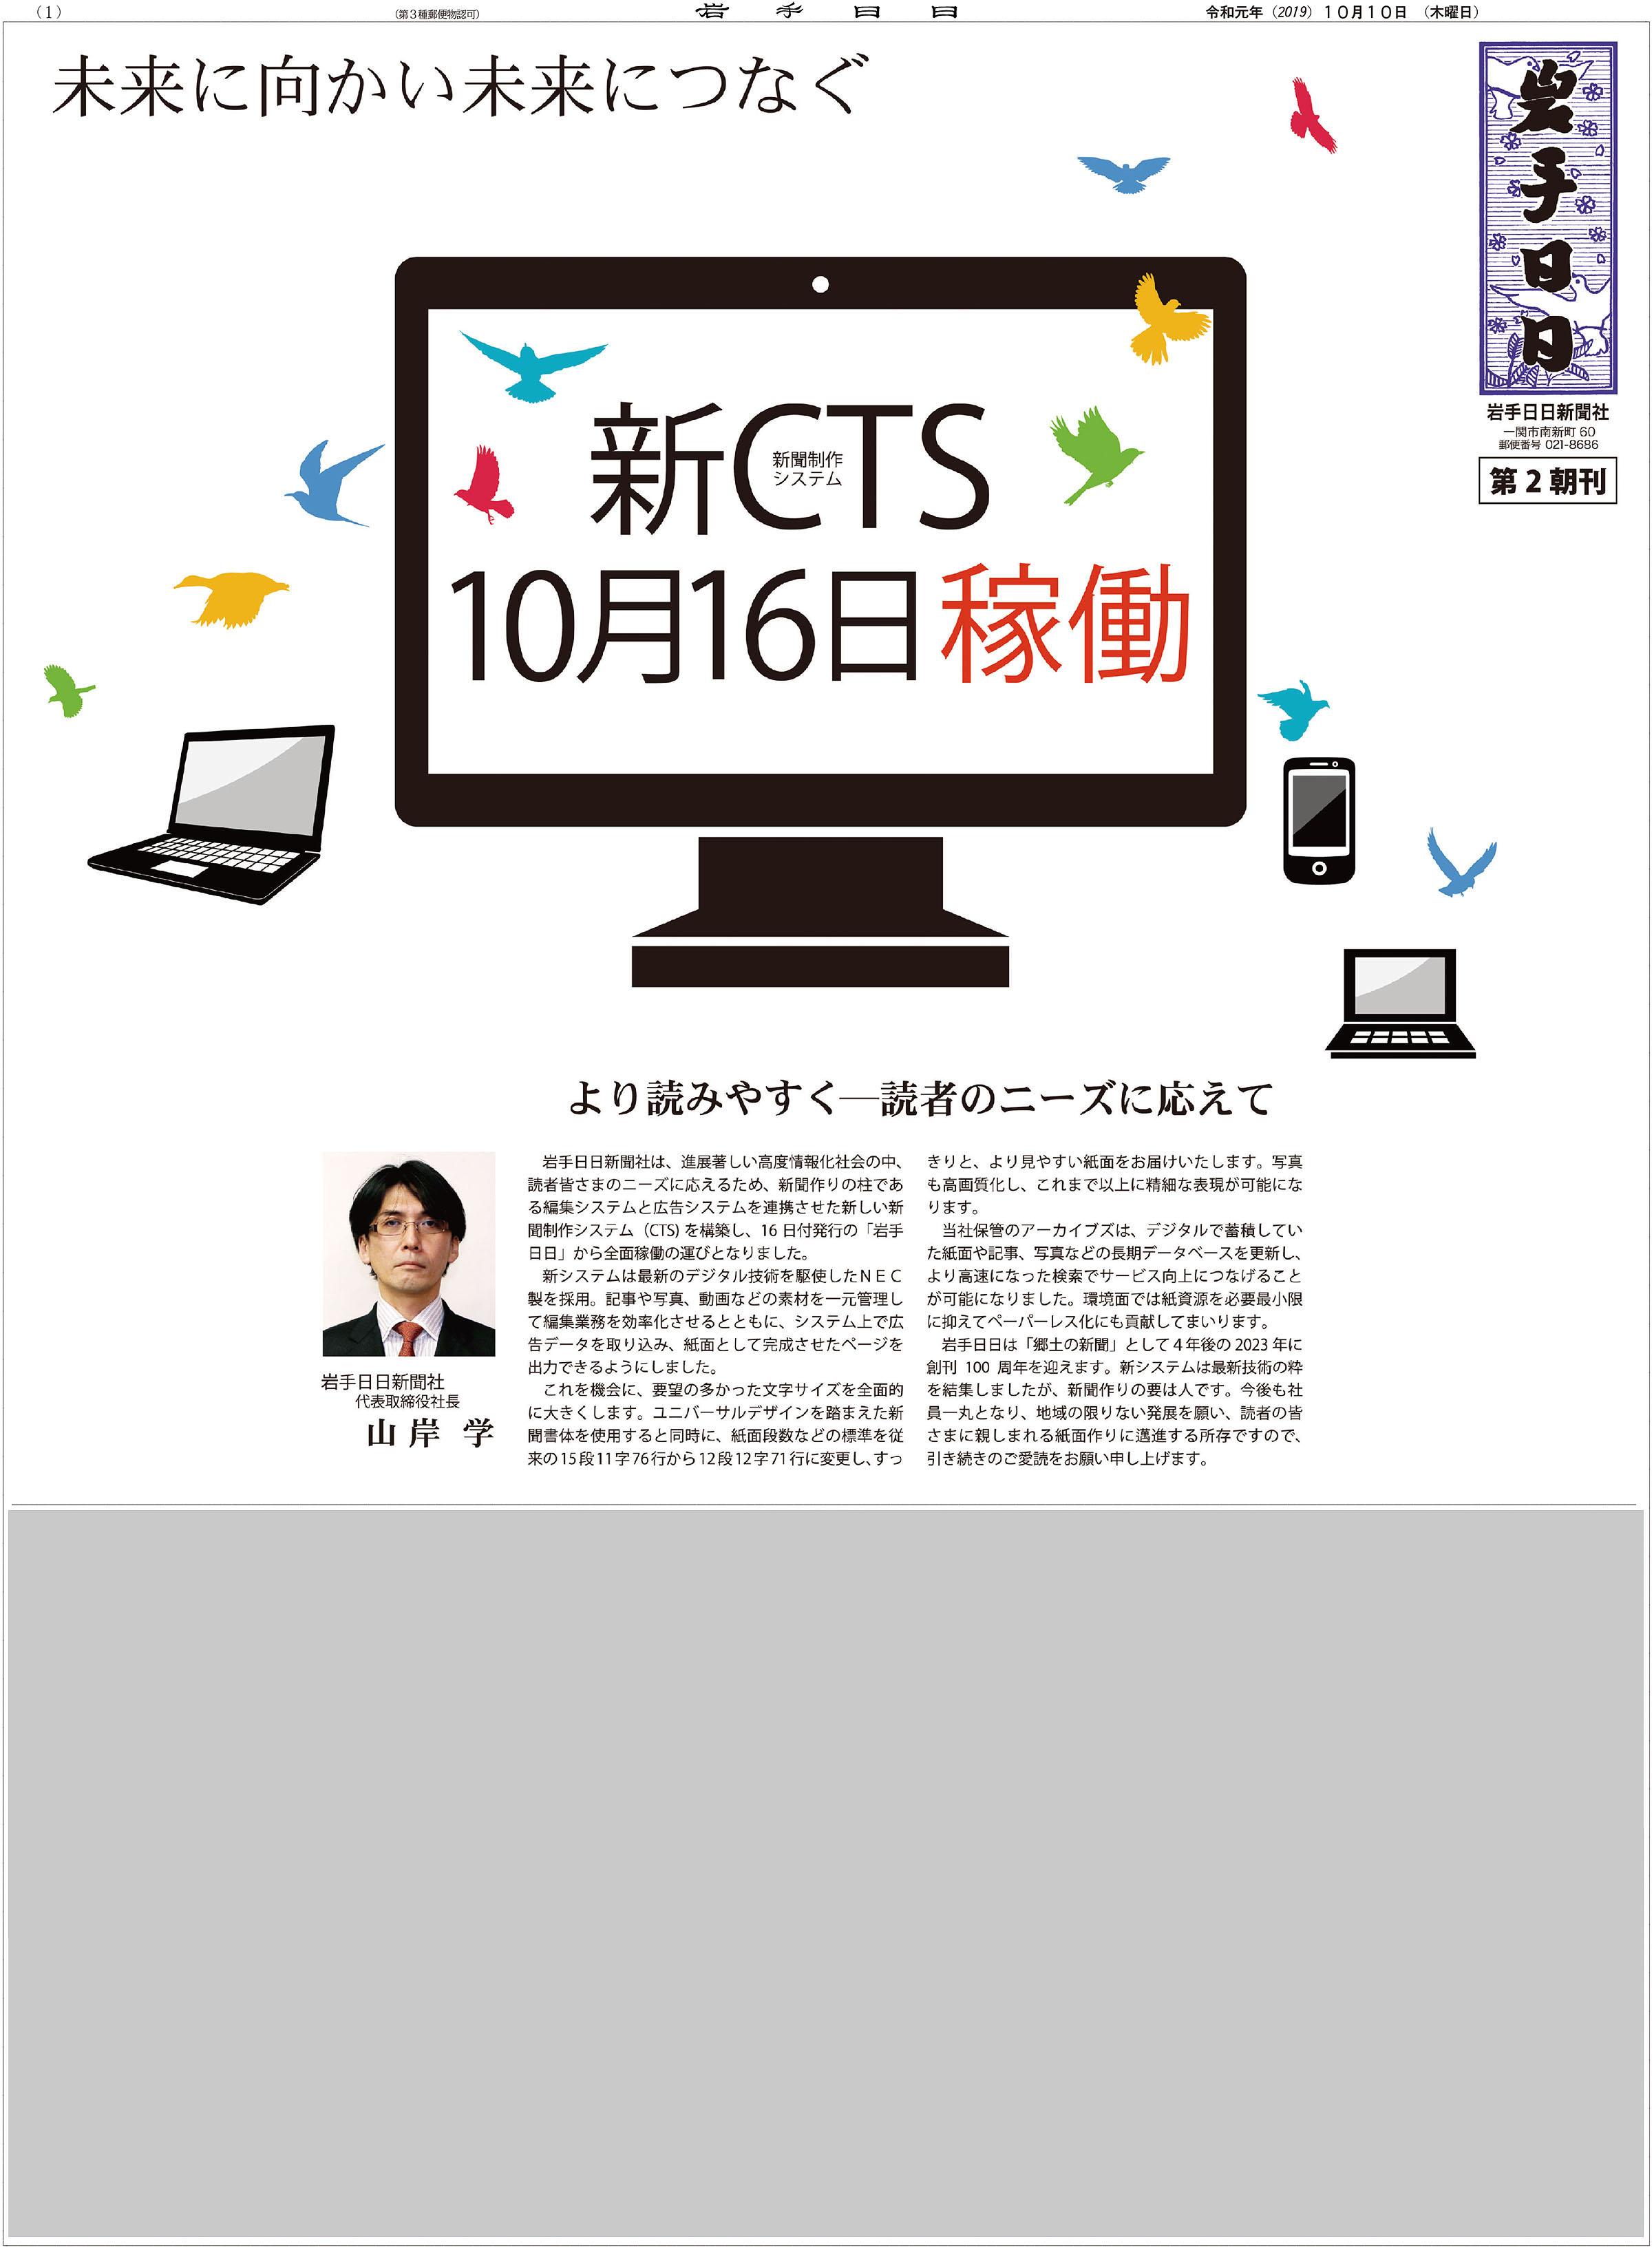 新CTS 10月16日稼働 岩手日日第2朝刊